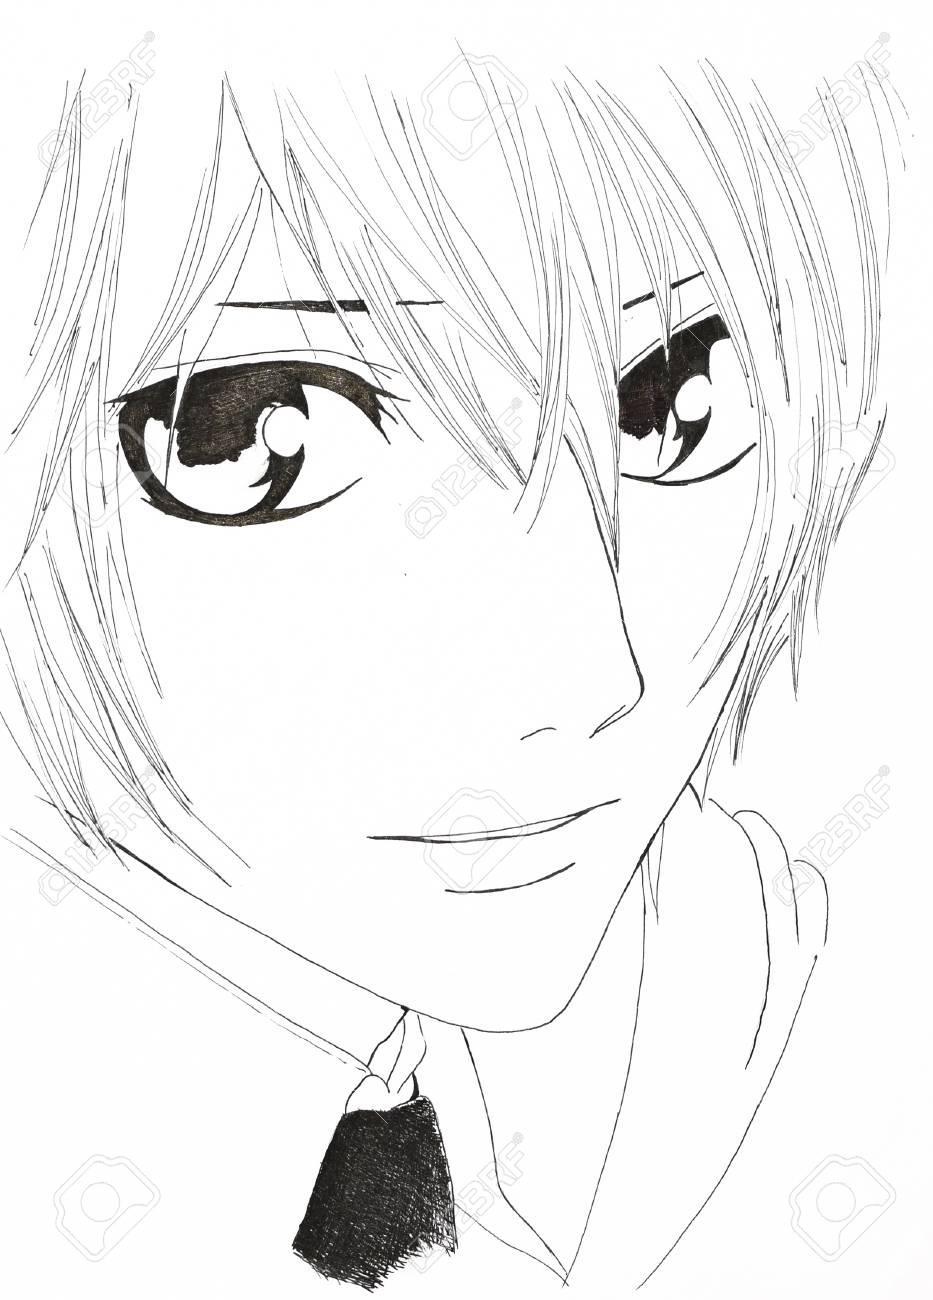 Dibujo En El Estilo De Anime Imagen De Un Hombre En El Cuadro En El